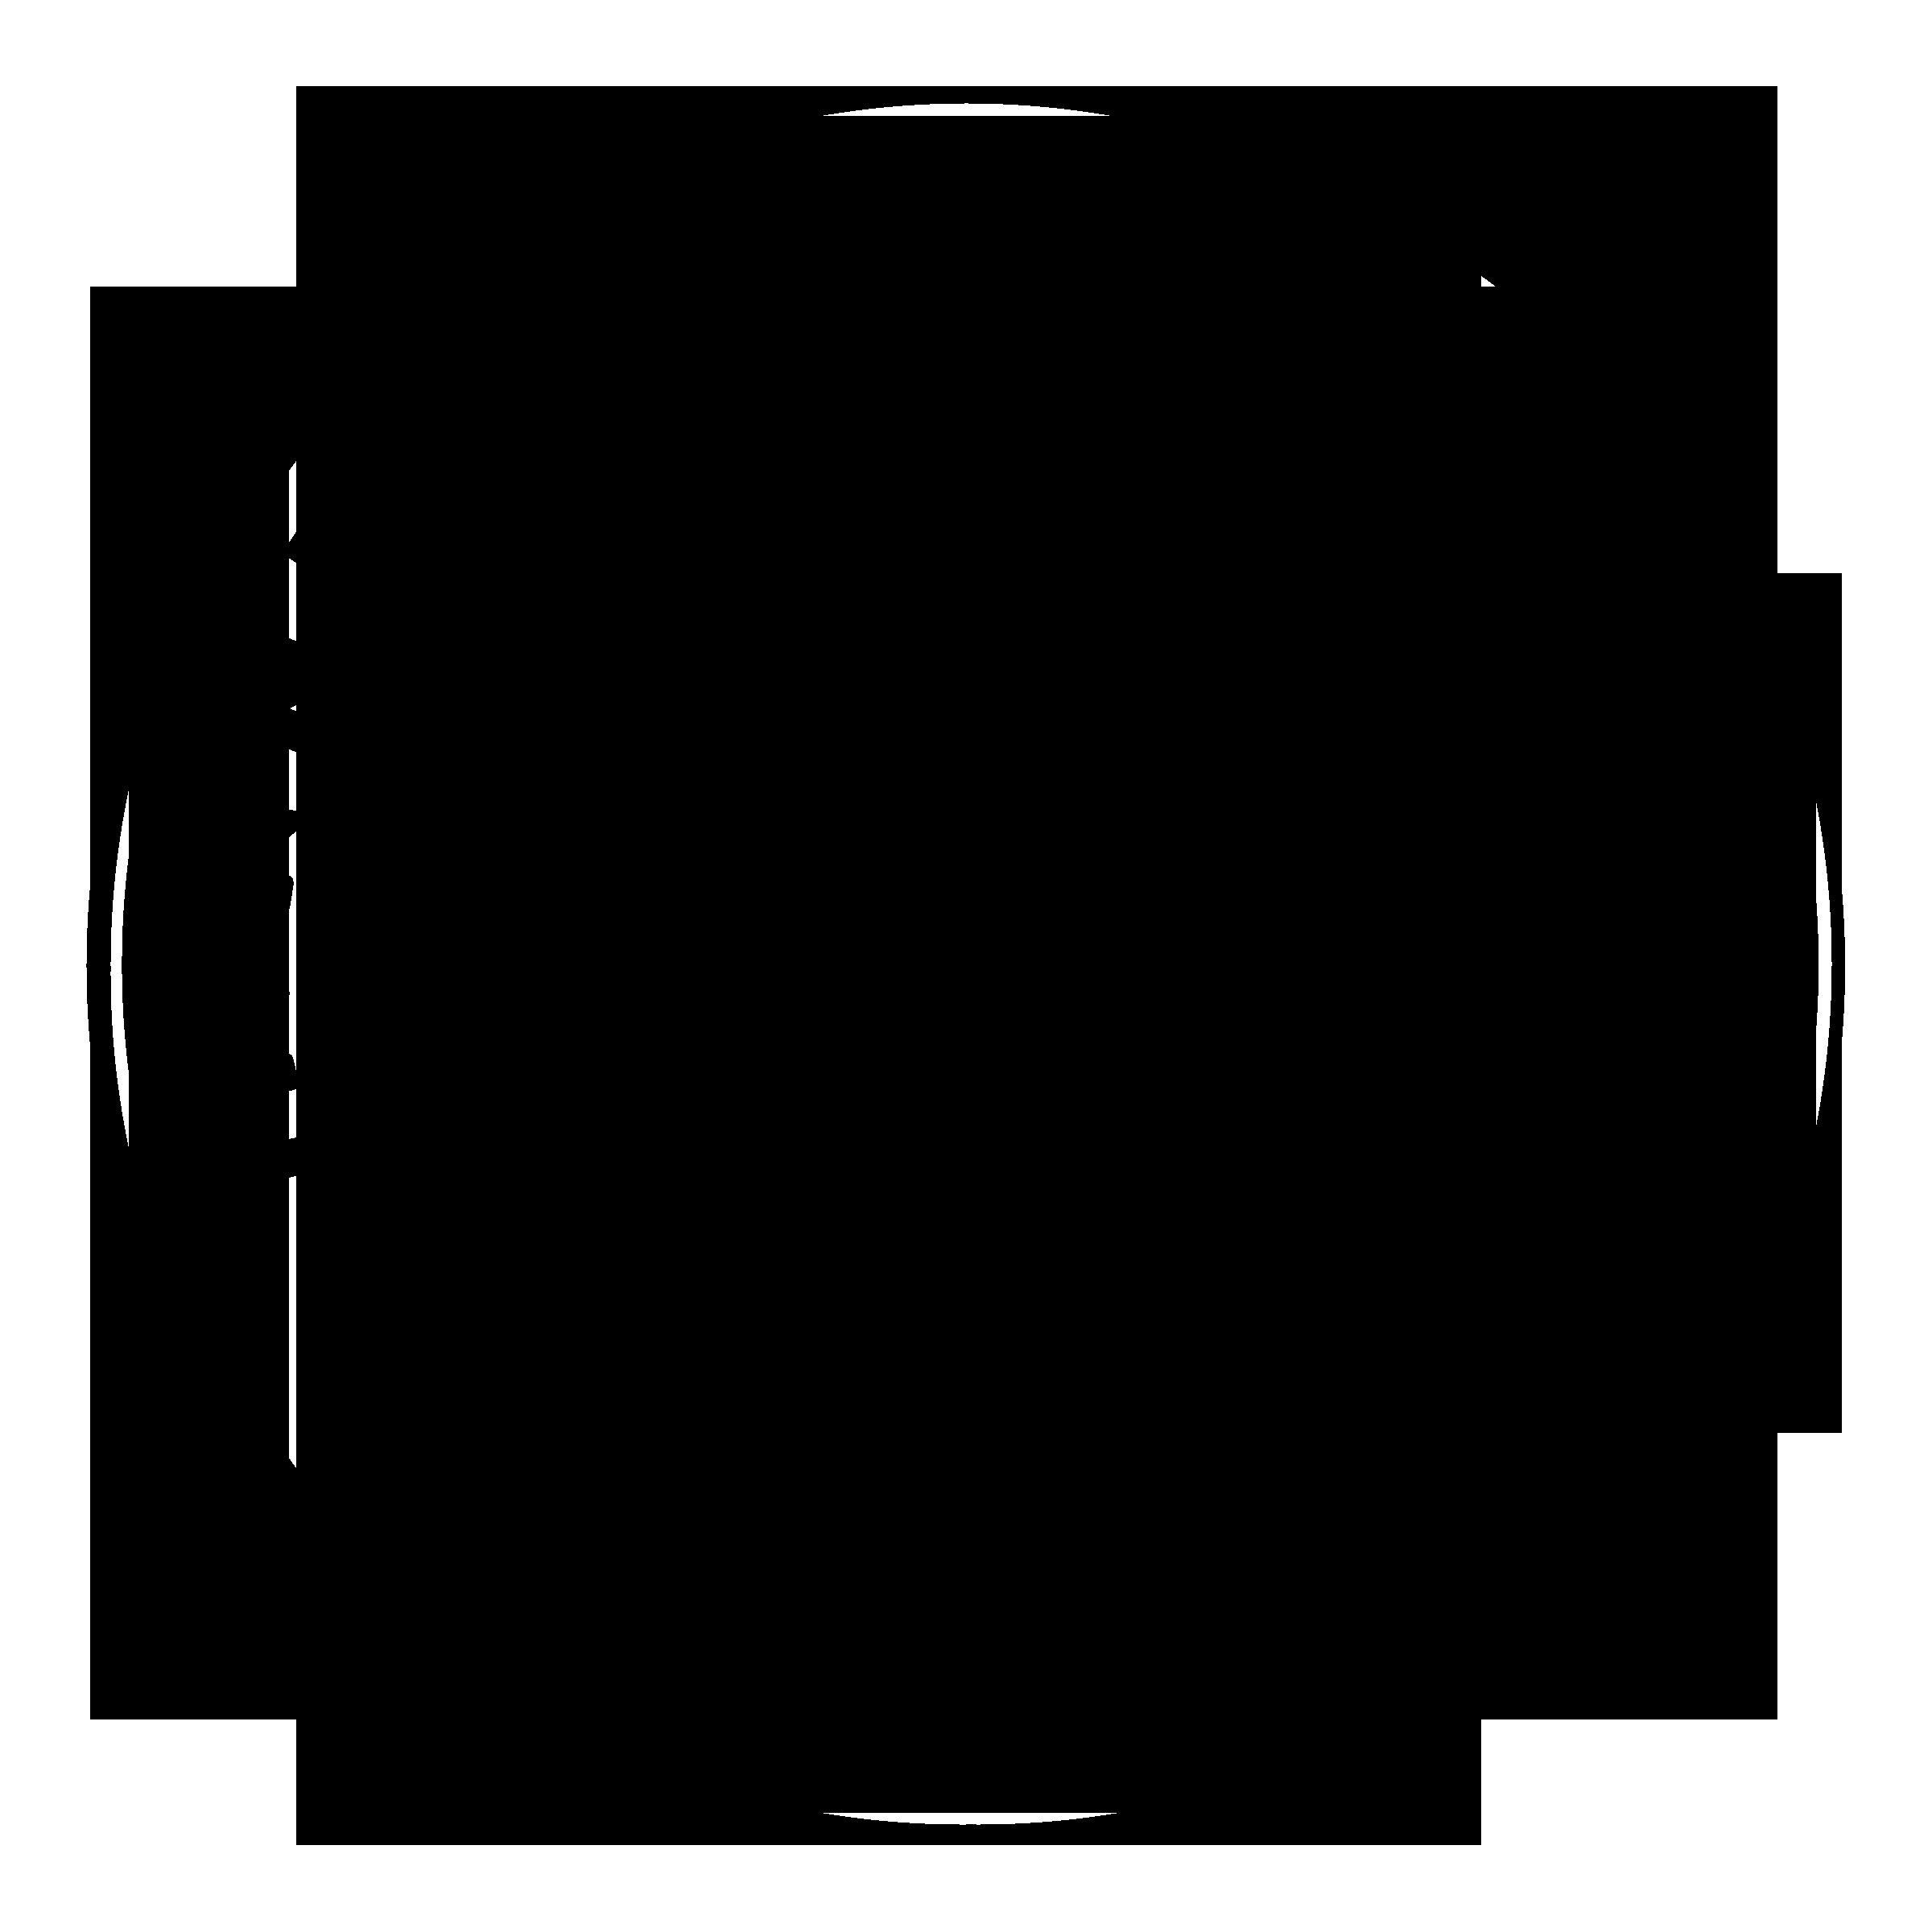 2400x2400 Minnesota Timberwolves Logo Png Transparent Amp Svg Vector